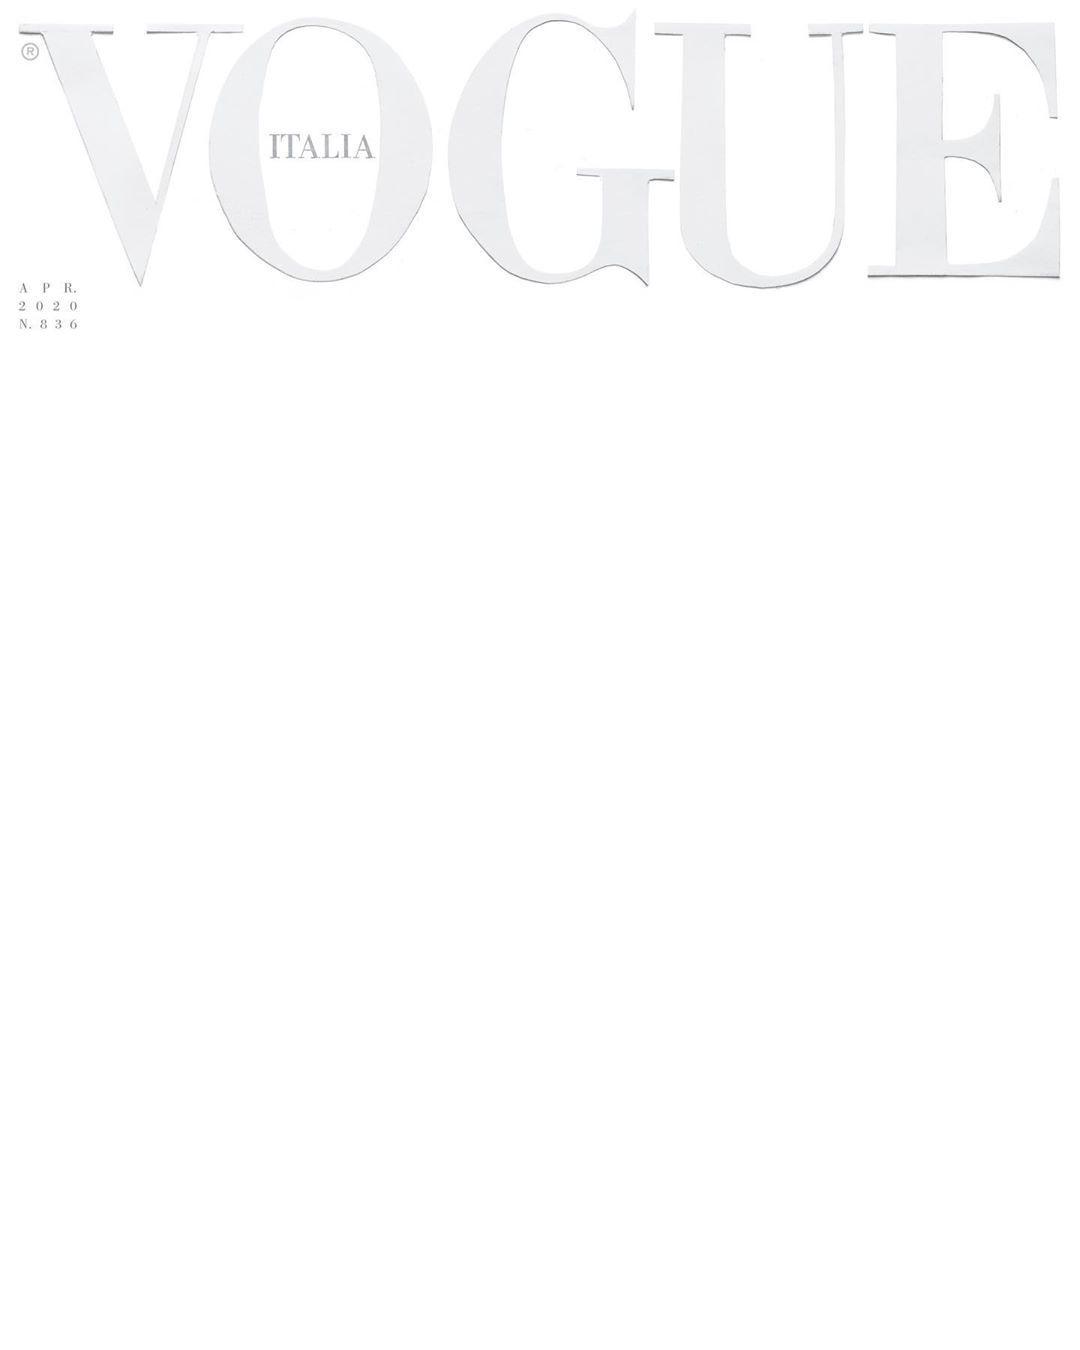 Vogue Italia gây chấn động với bìa báo trắng trơn cùng thông điệp ý nghĩa Ảnh 1